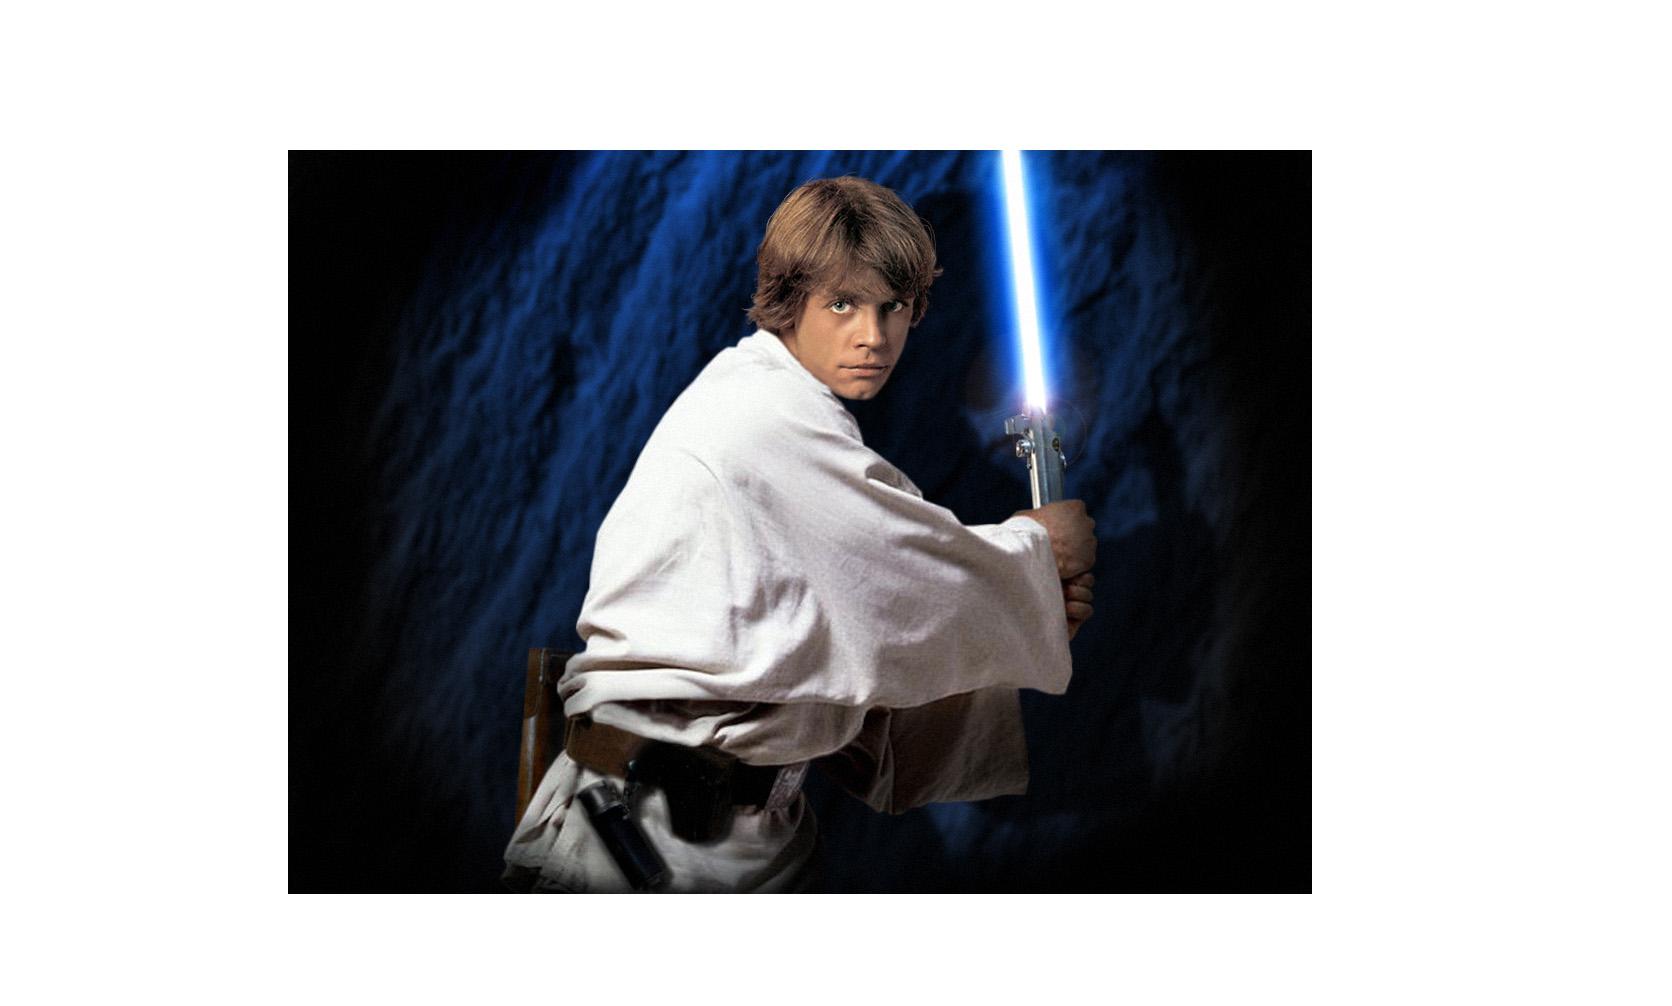 ¿Dónde está Luke Skywalker?